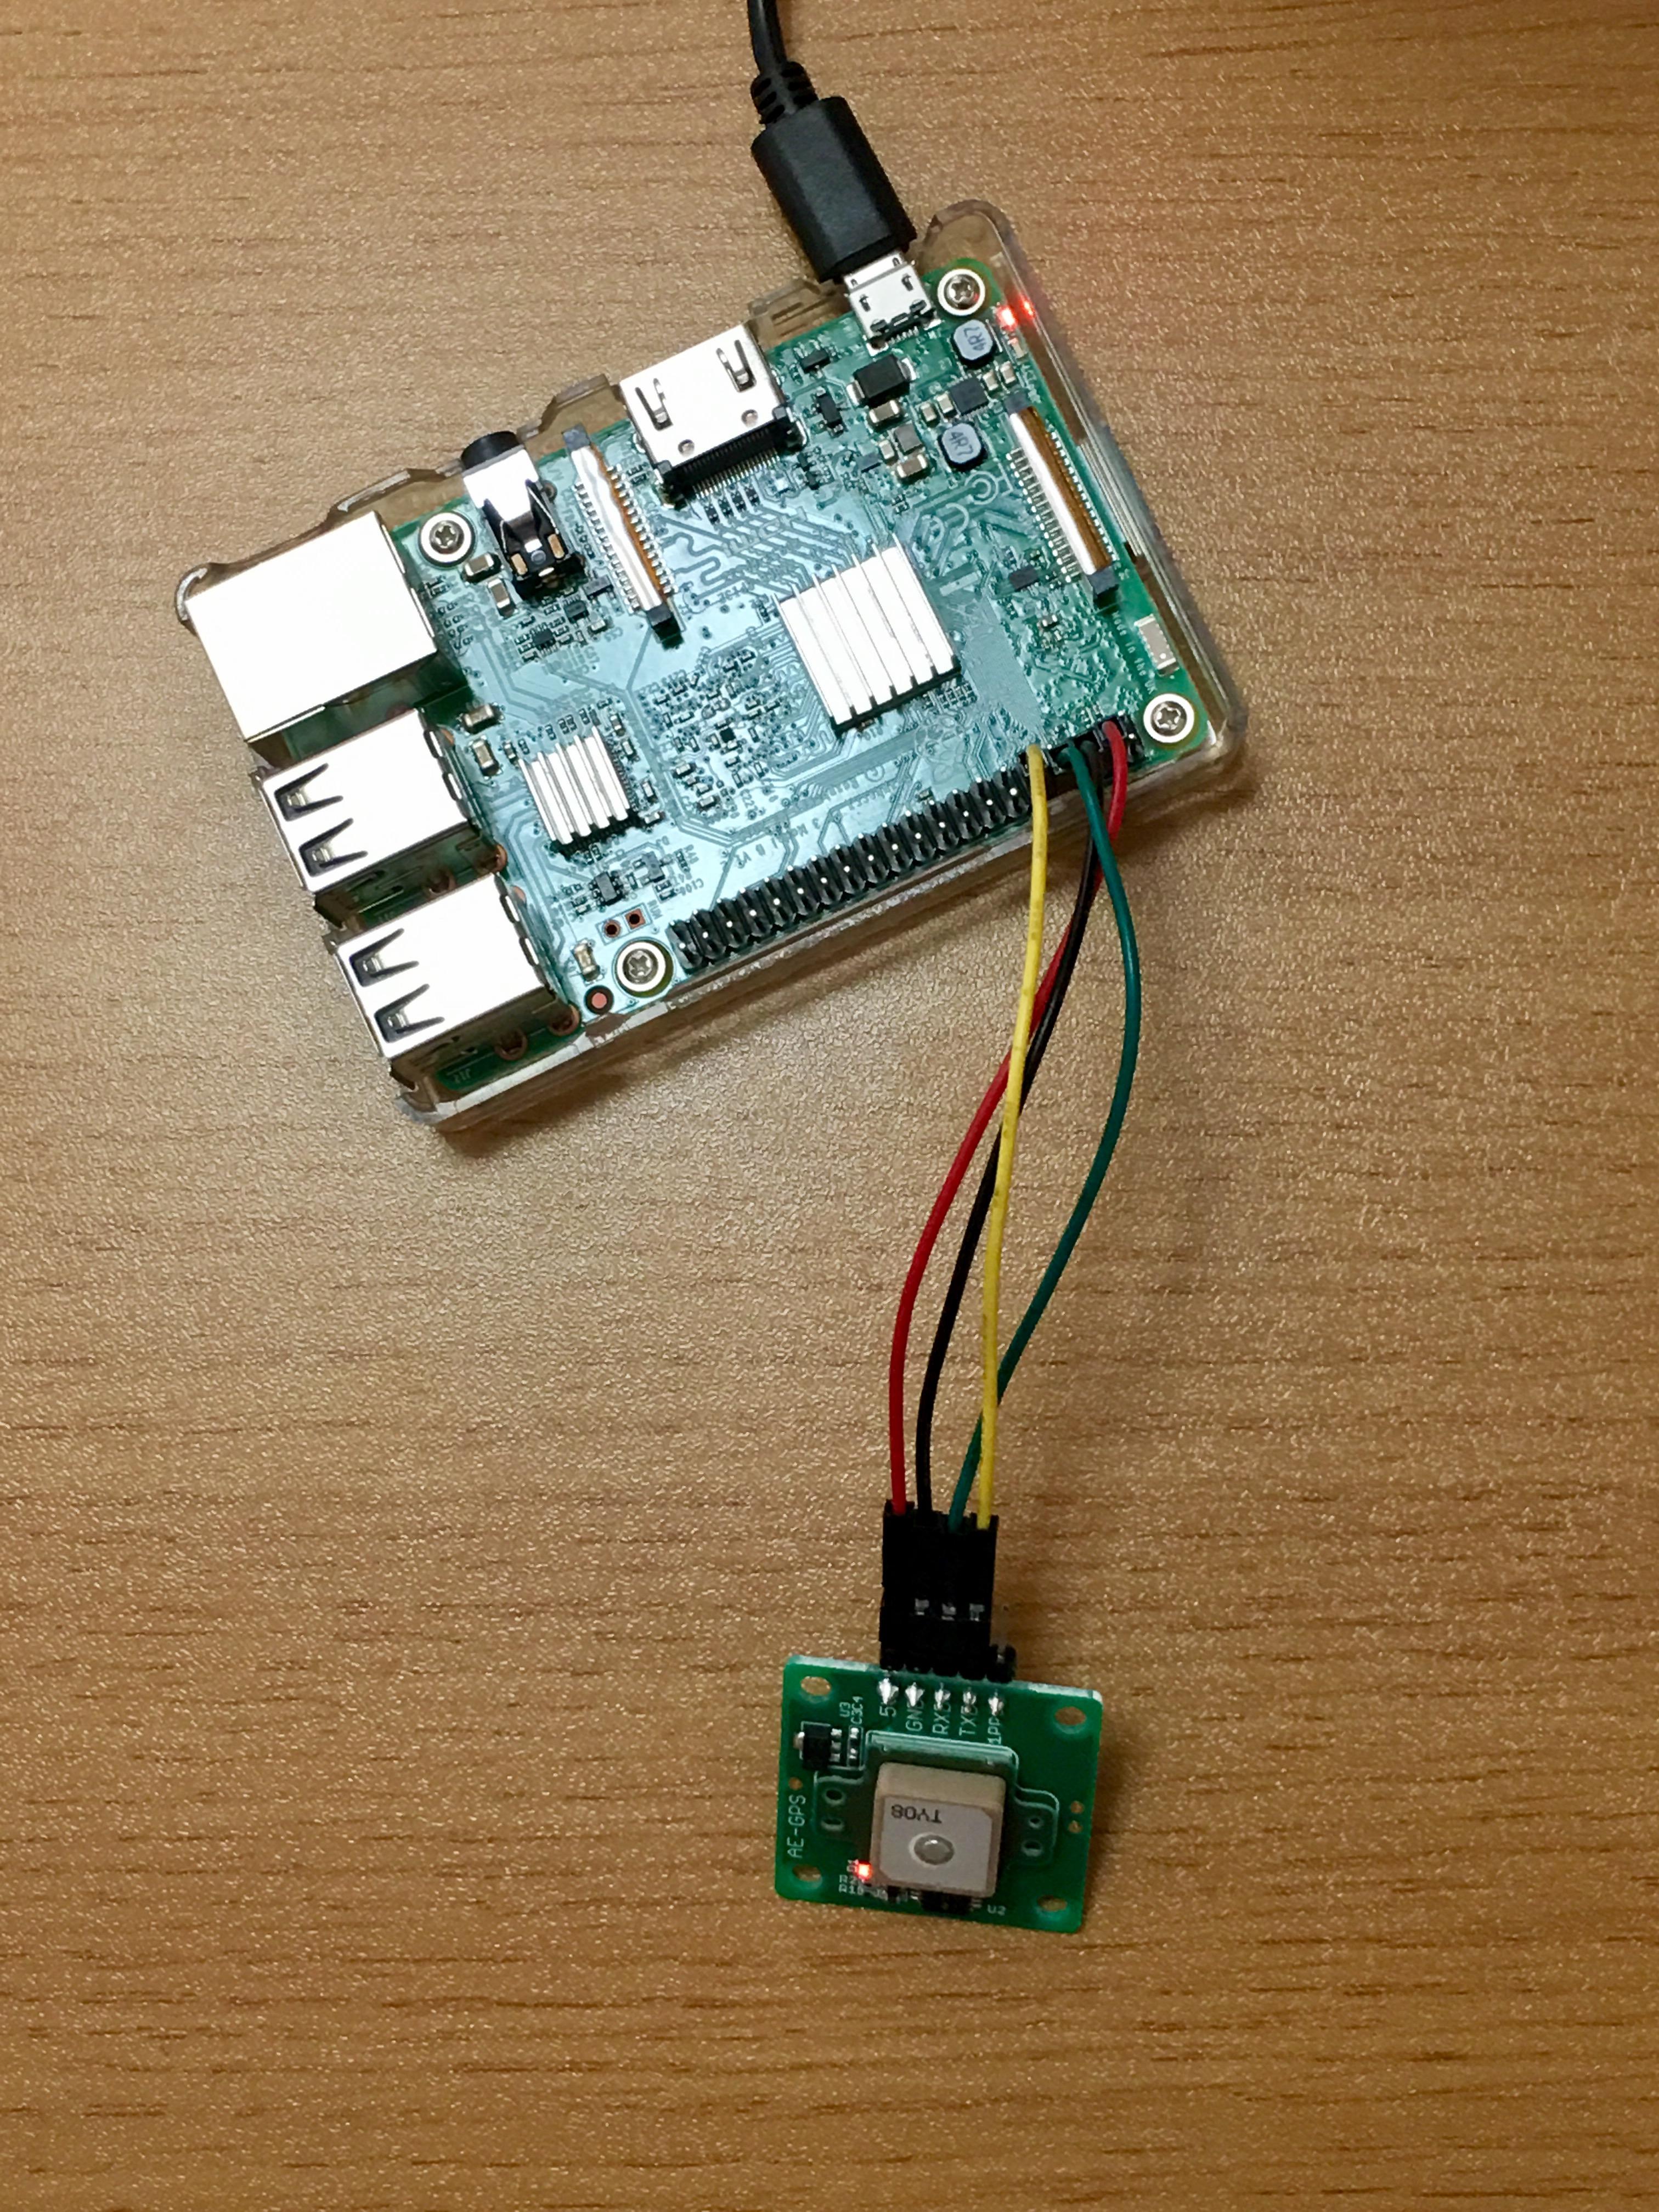 ラズベリーパイ3 SORACOM Ambient でGPSロガーを作る:制作 イー・レンジャー株式会社